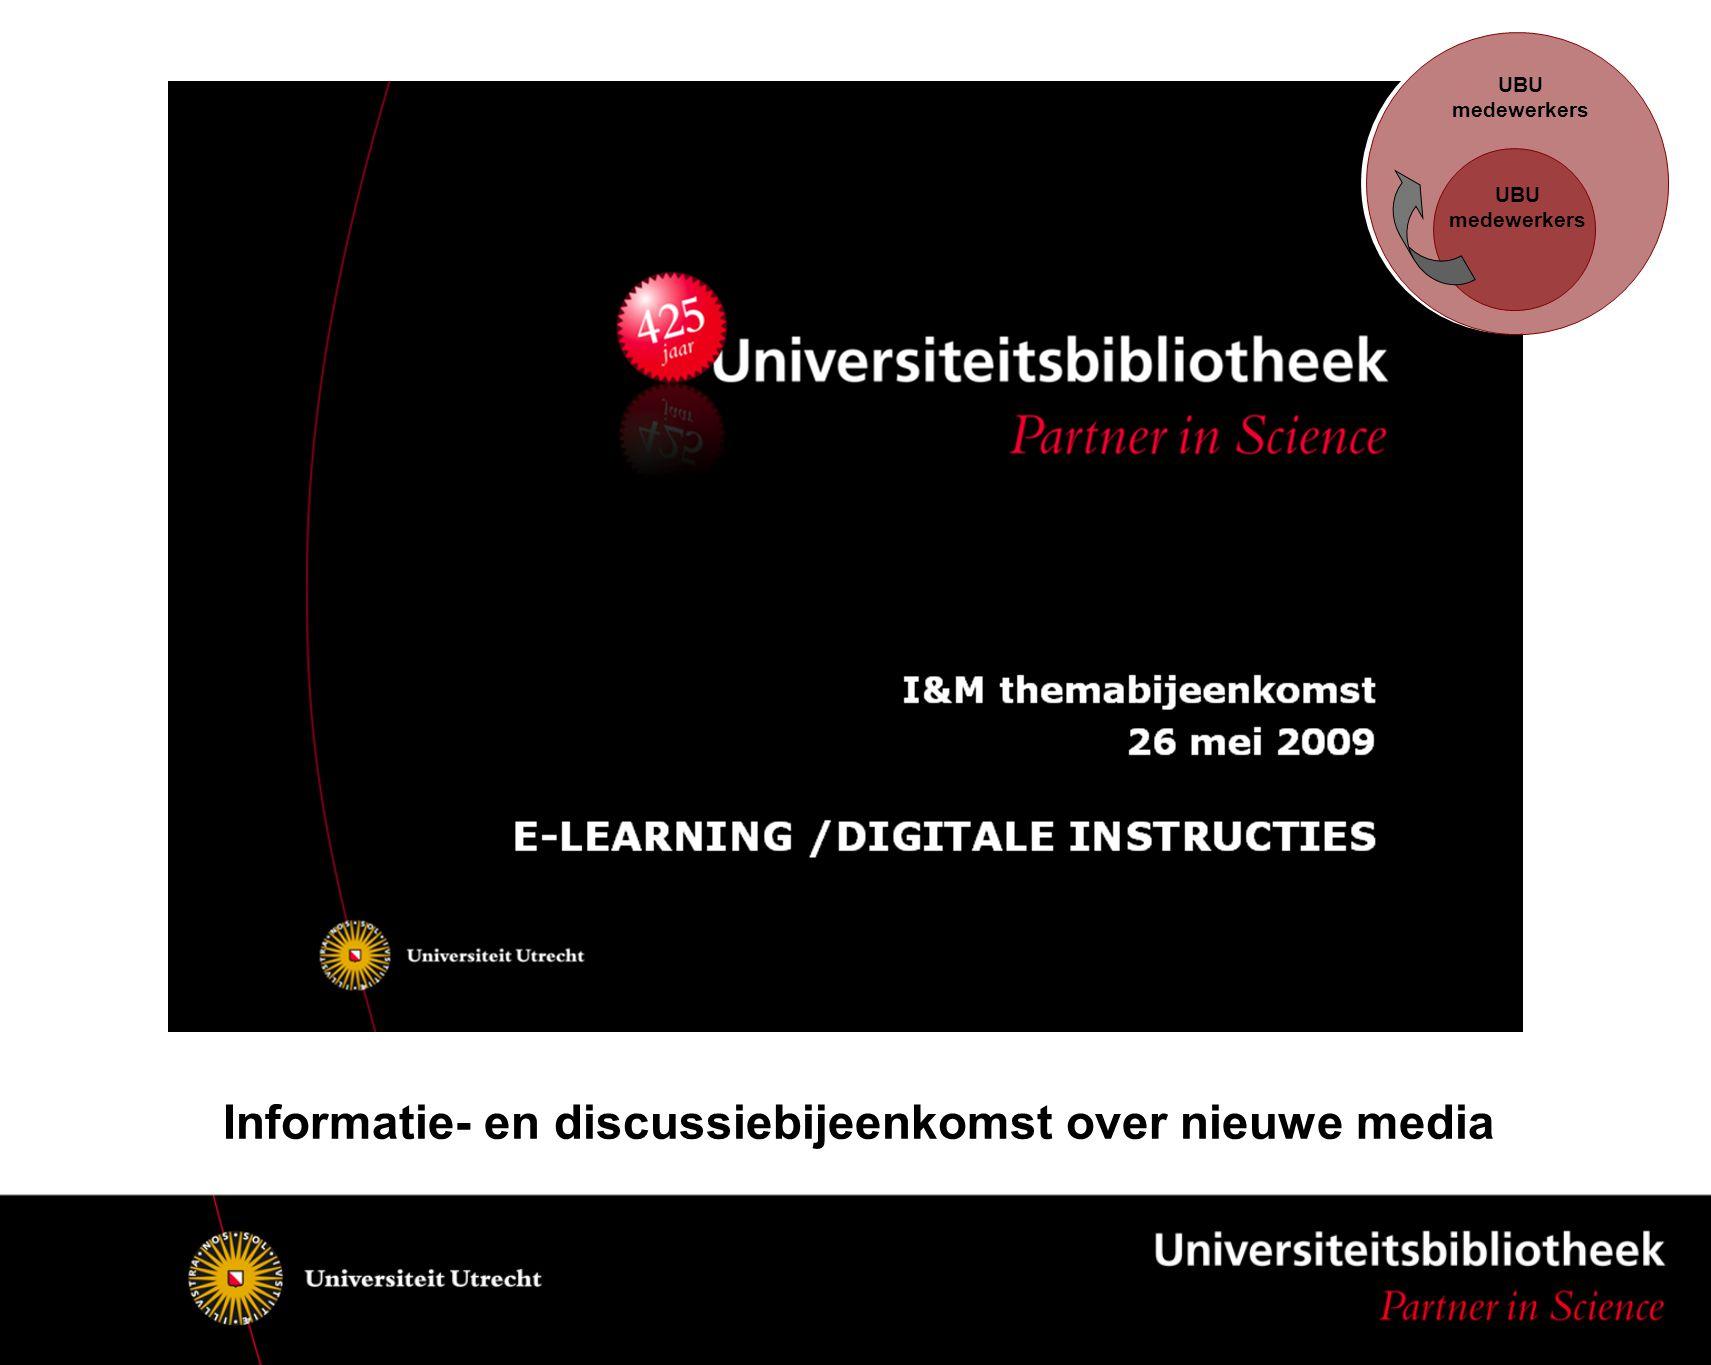 UBU medewerkers UBU medewerkers Informatie- en discussiebijeenkomst over nieuwe media